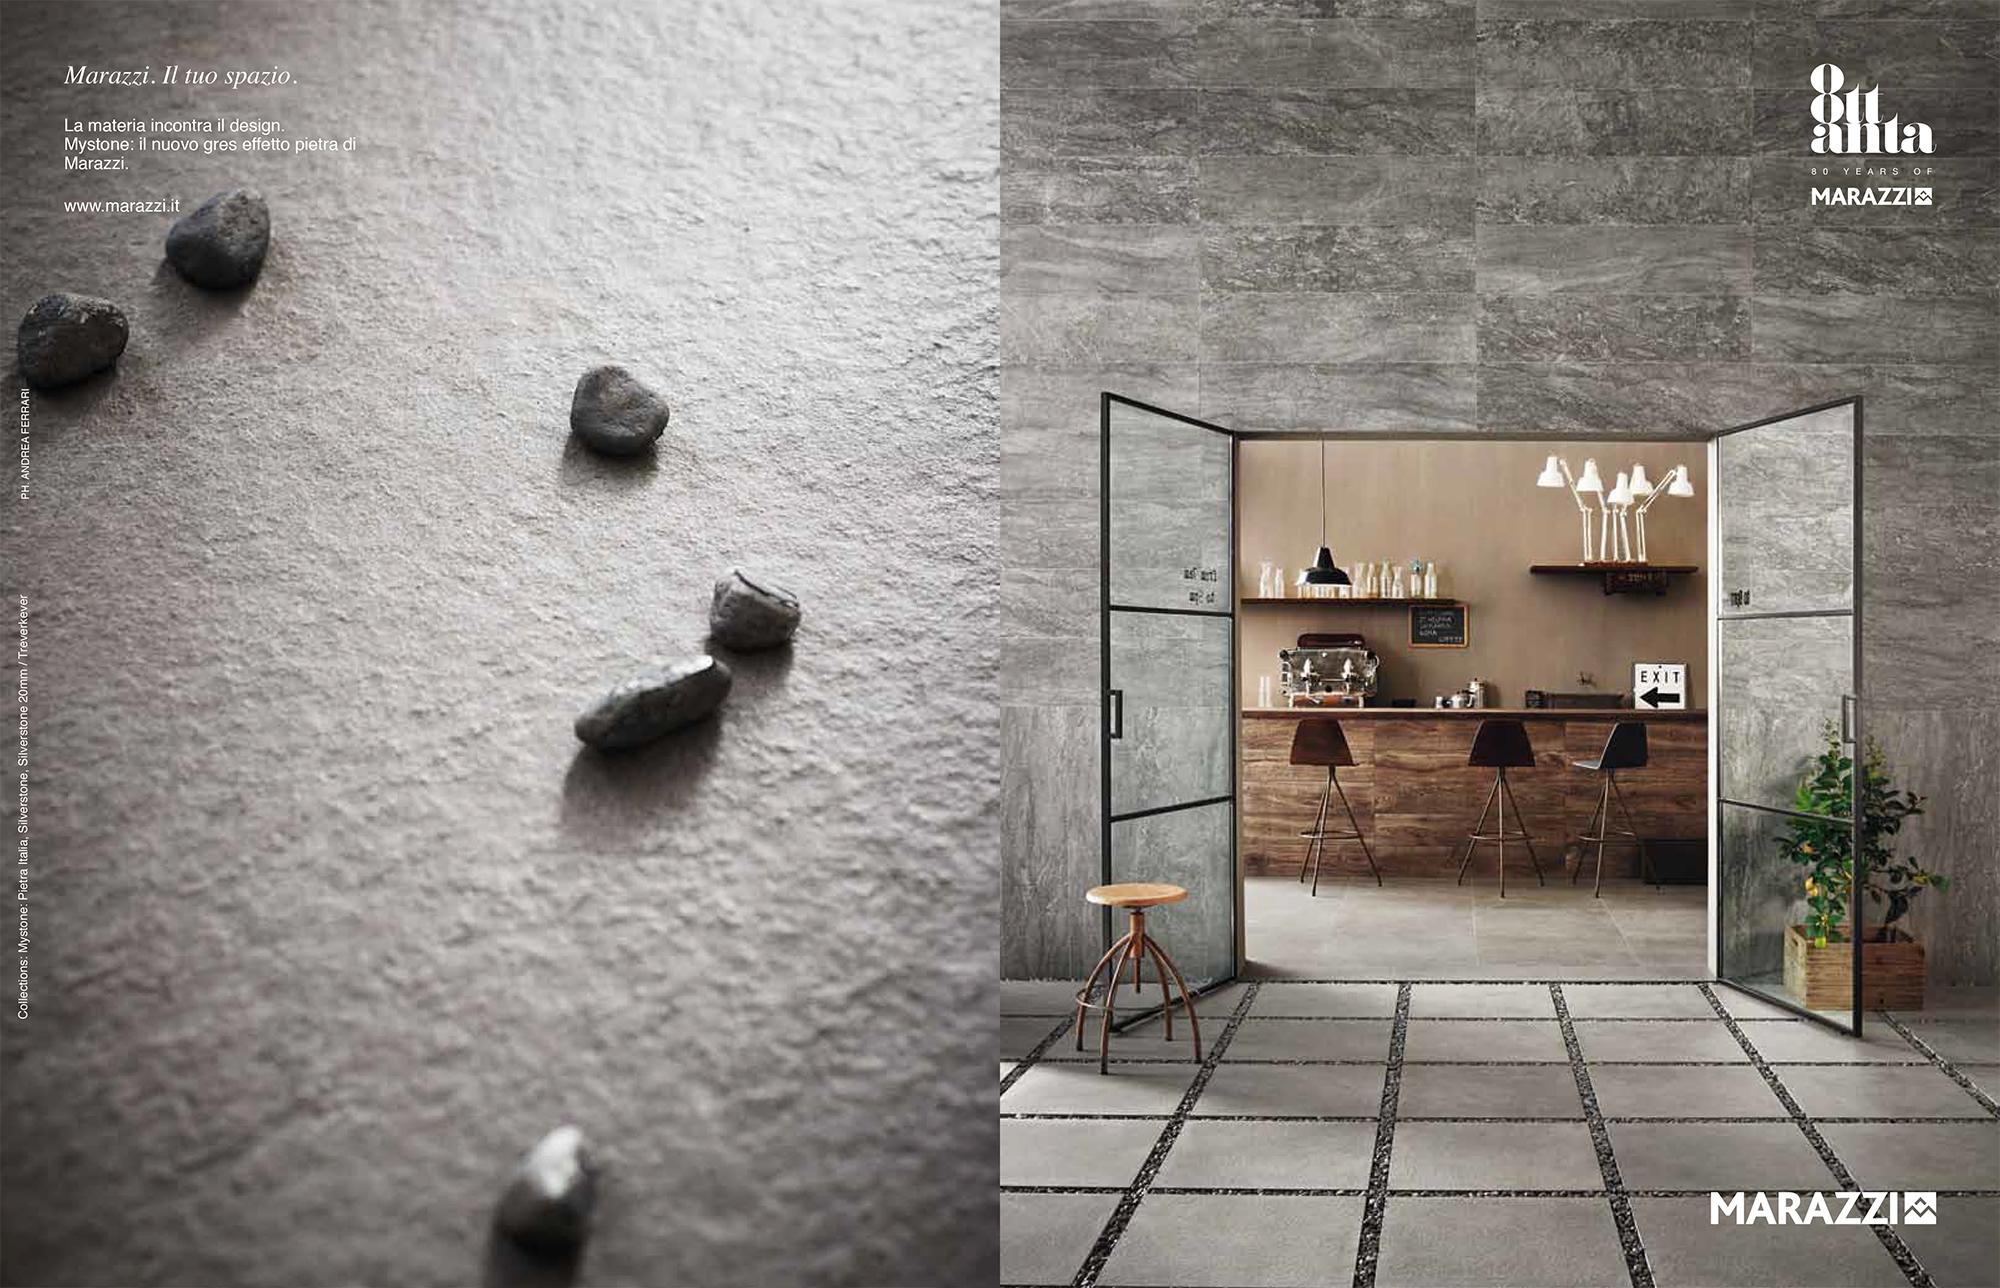 Marazzi 2015 Campaign | Andrea Ferrari | Marazzi | GQ Italia | Nelly de Melo Gonçalves | Numerique Retouch Photo Retouching Studio